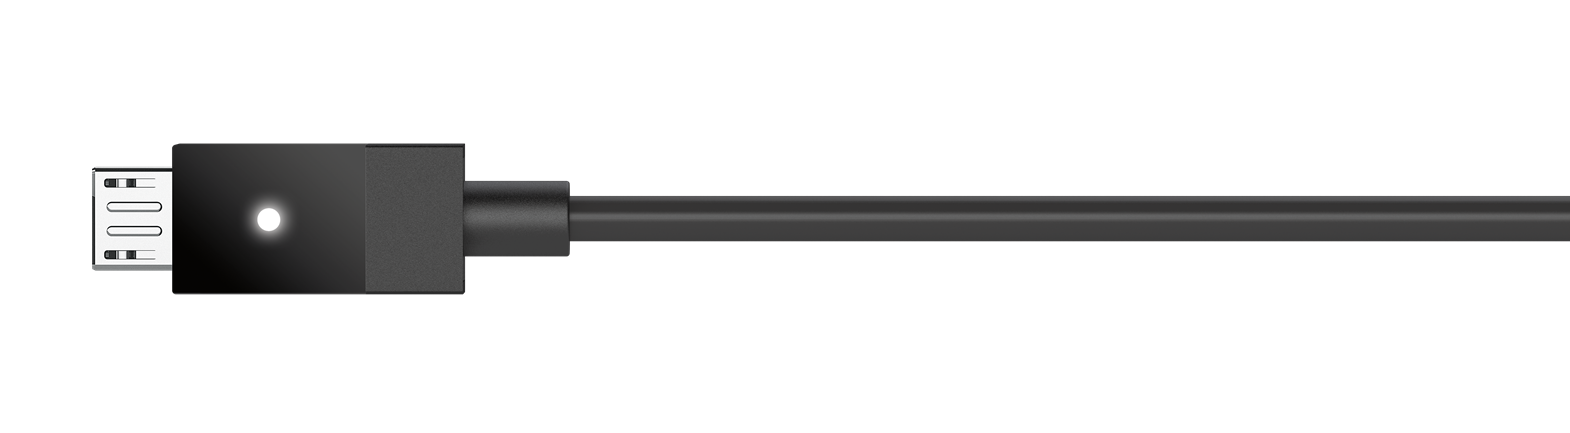 XBOX ONE - Nabíjecí souprava pro ovladač